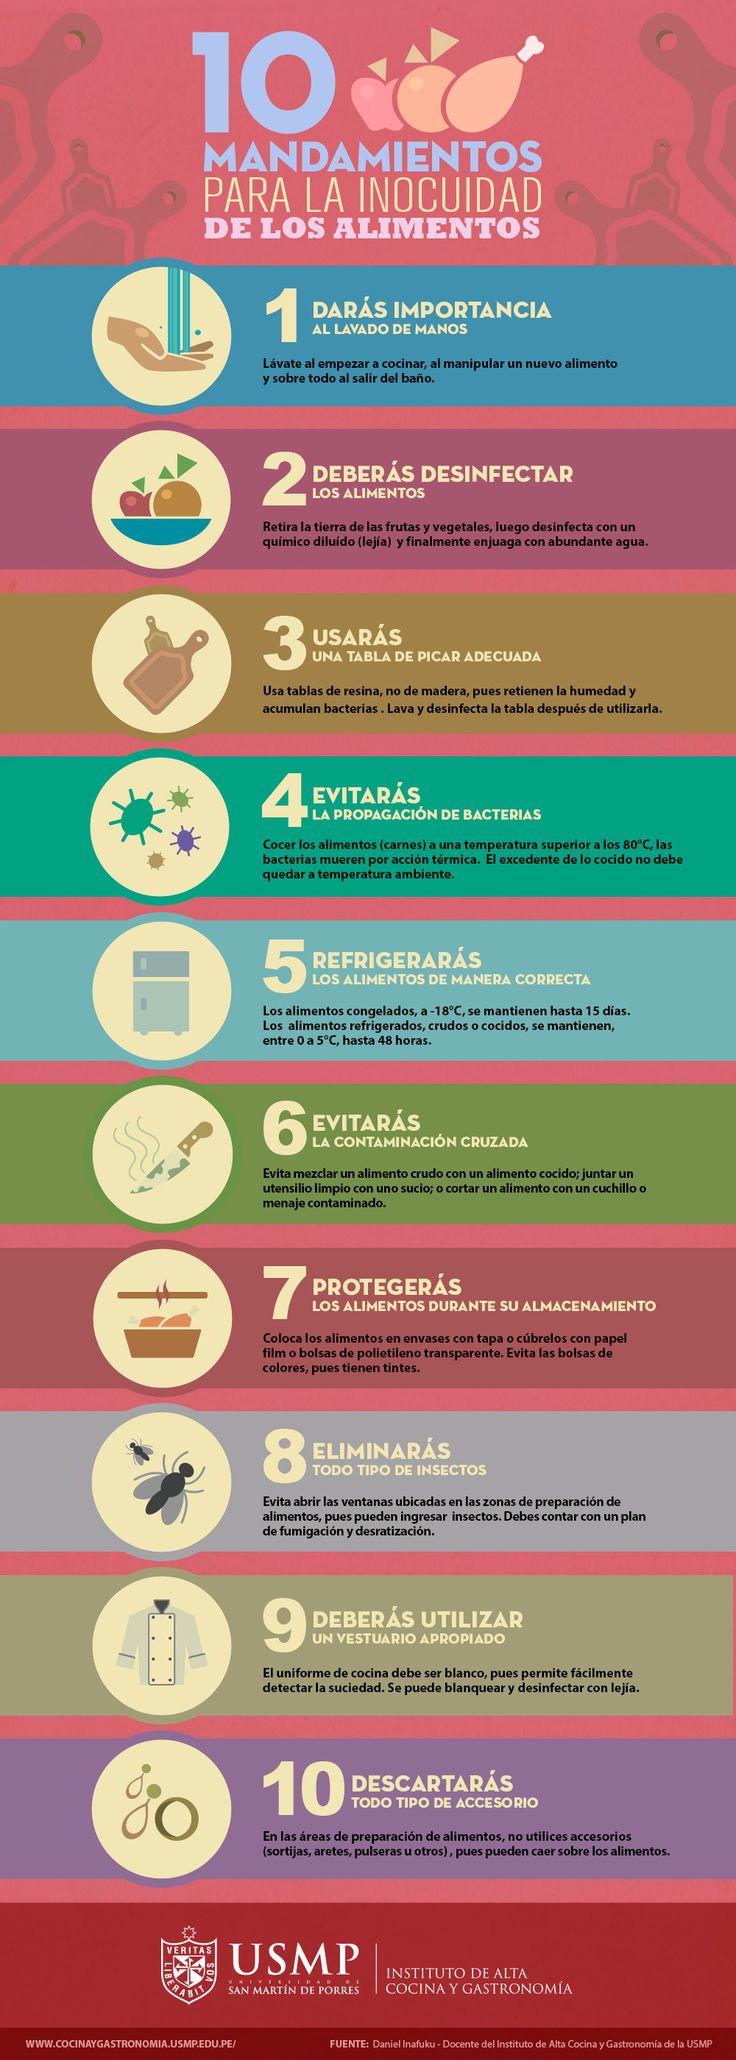 #IACGinfografía | Diez mandamientos para la inocuidad de los alimentos.